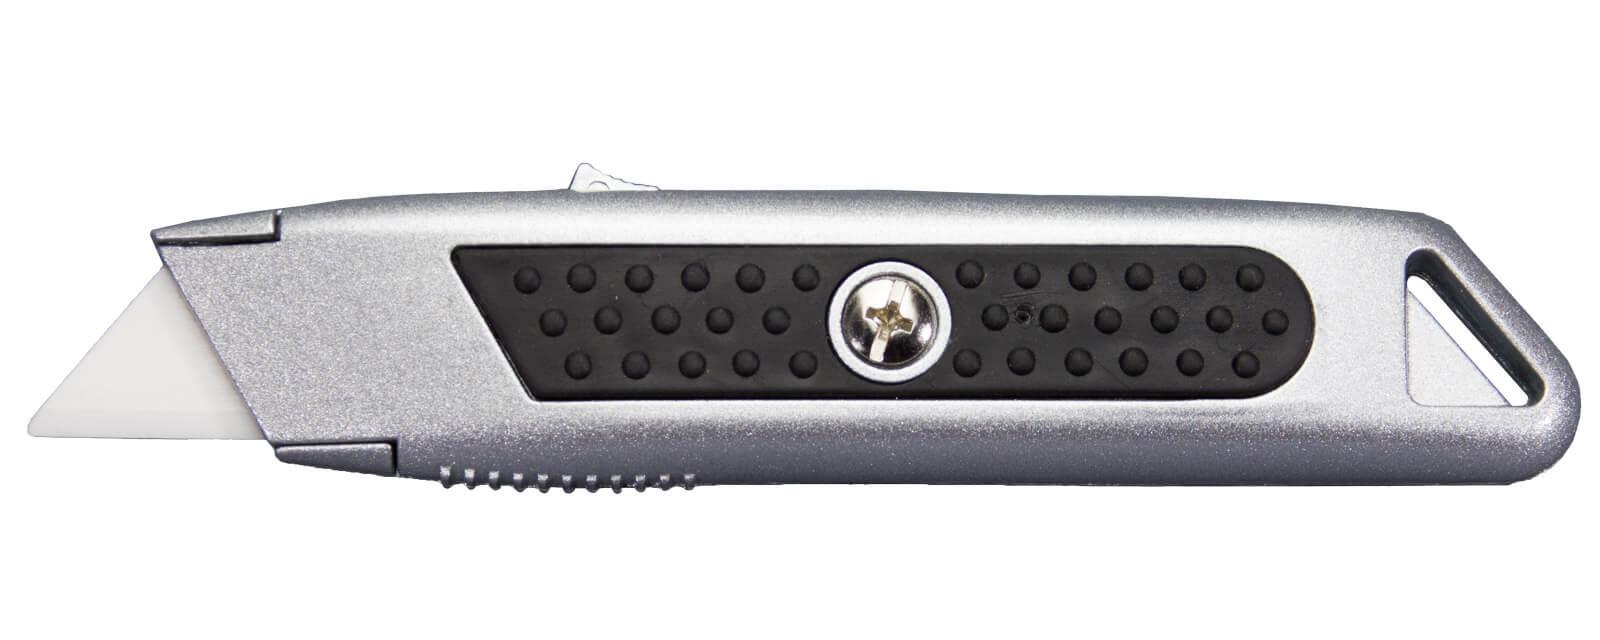 U014K-Keramik-Sicherheitsmesser-automatischer-Klingenrückzug-Komfort-CURT-tools